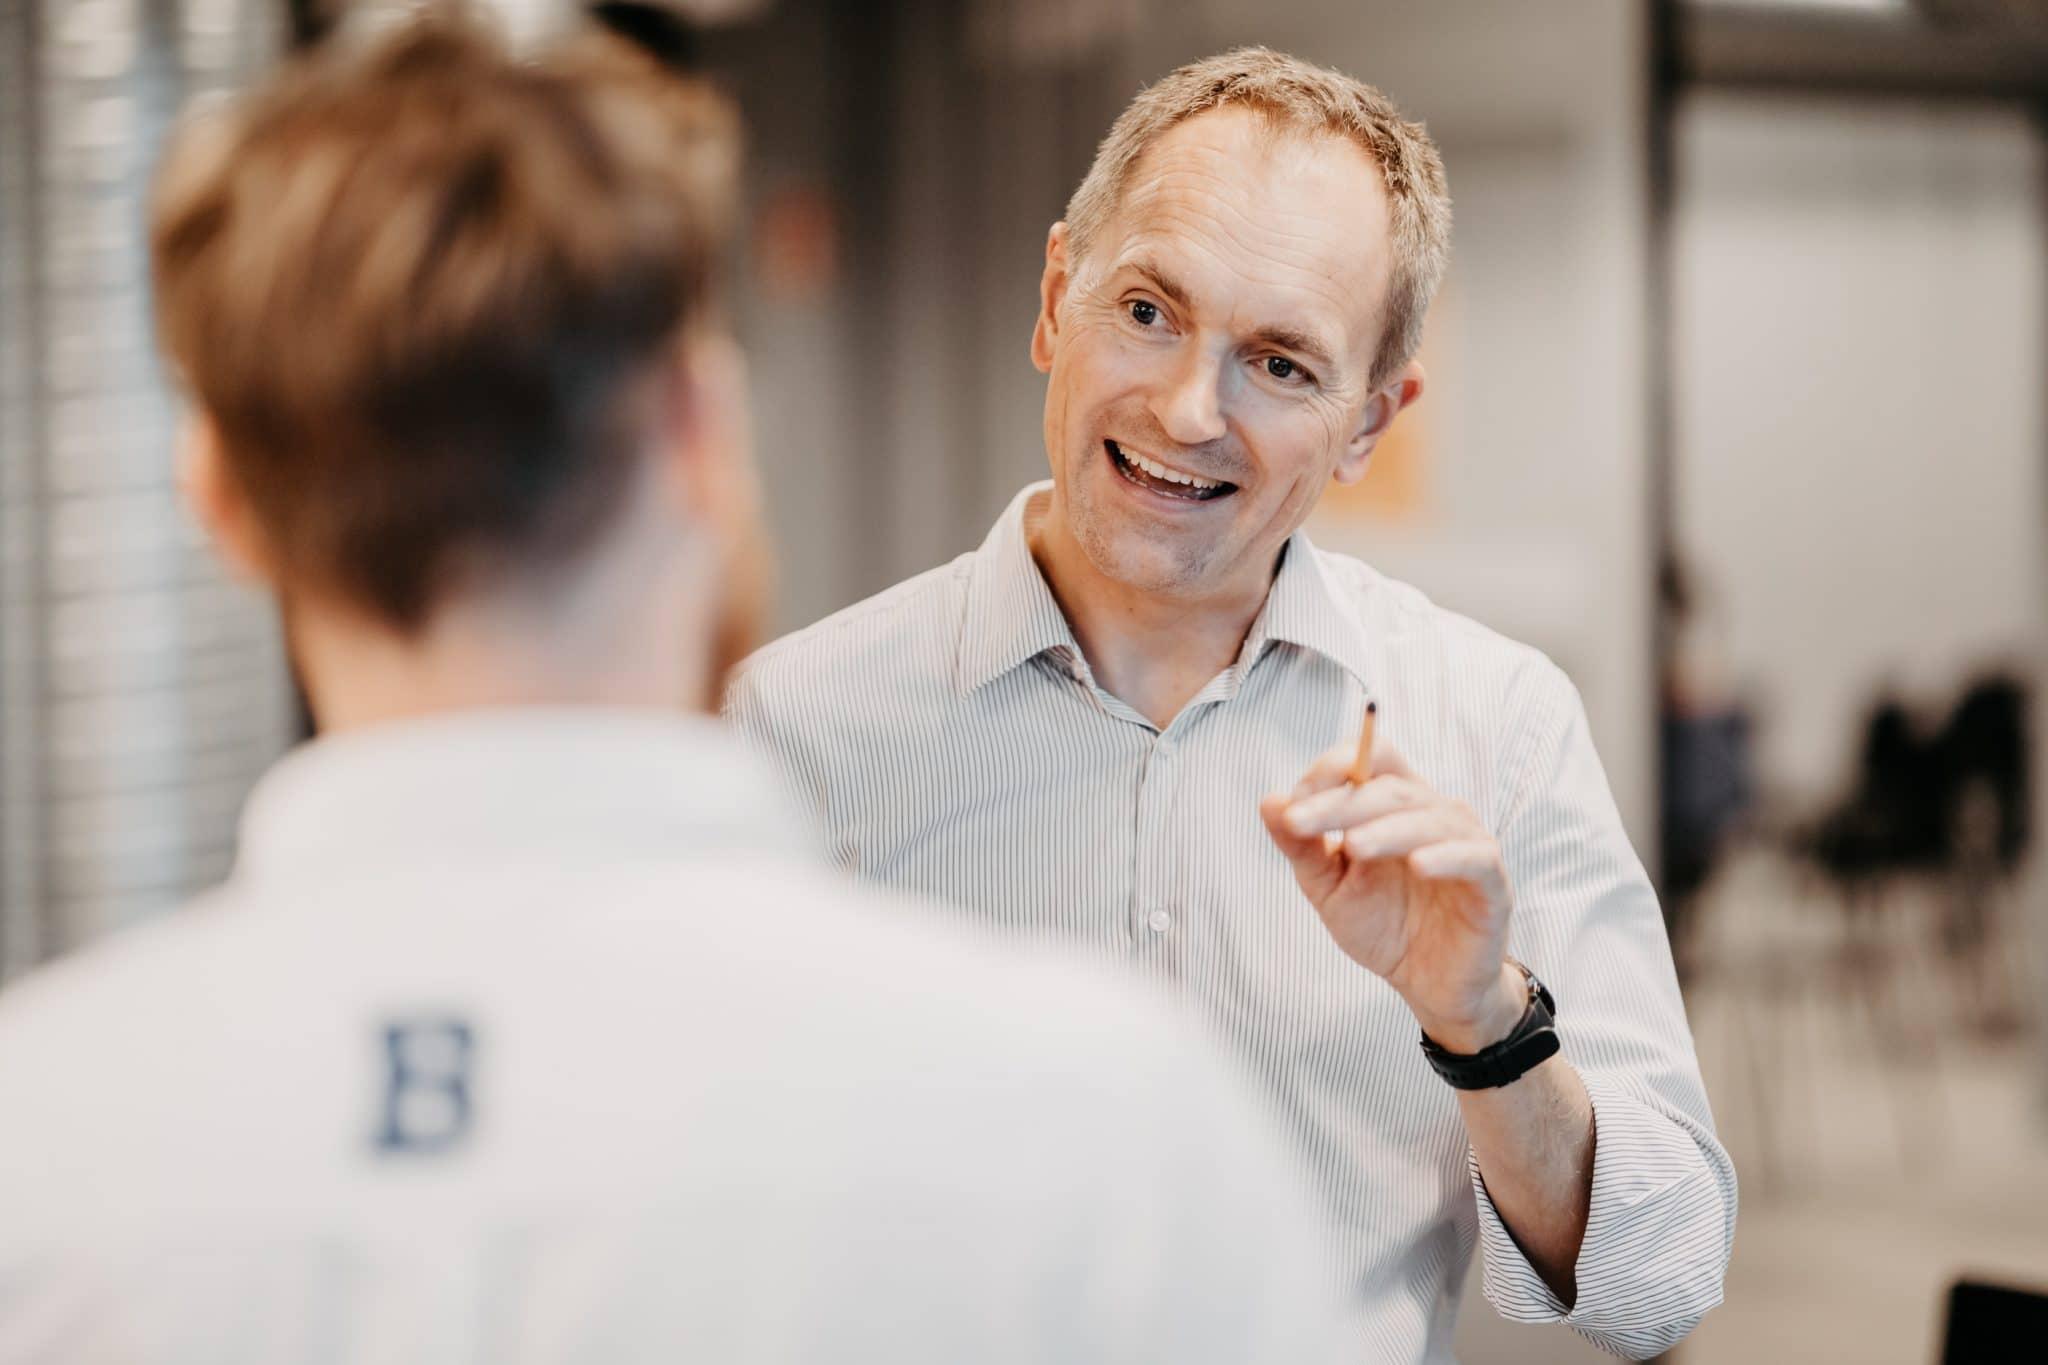 opstartsvirksomhed, Toolbox, Keystones, medlemsmøde, pitch, iværksætteri, investor, investering i startups, Toolbox, Keystones, medlemsmøde, pitch, iværksætteri, investor, investering i startups, Jan Rosenbom